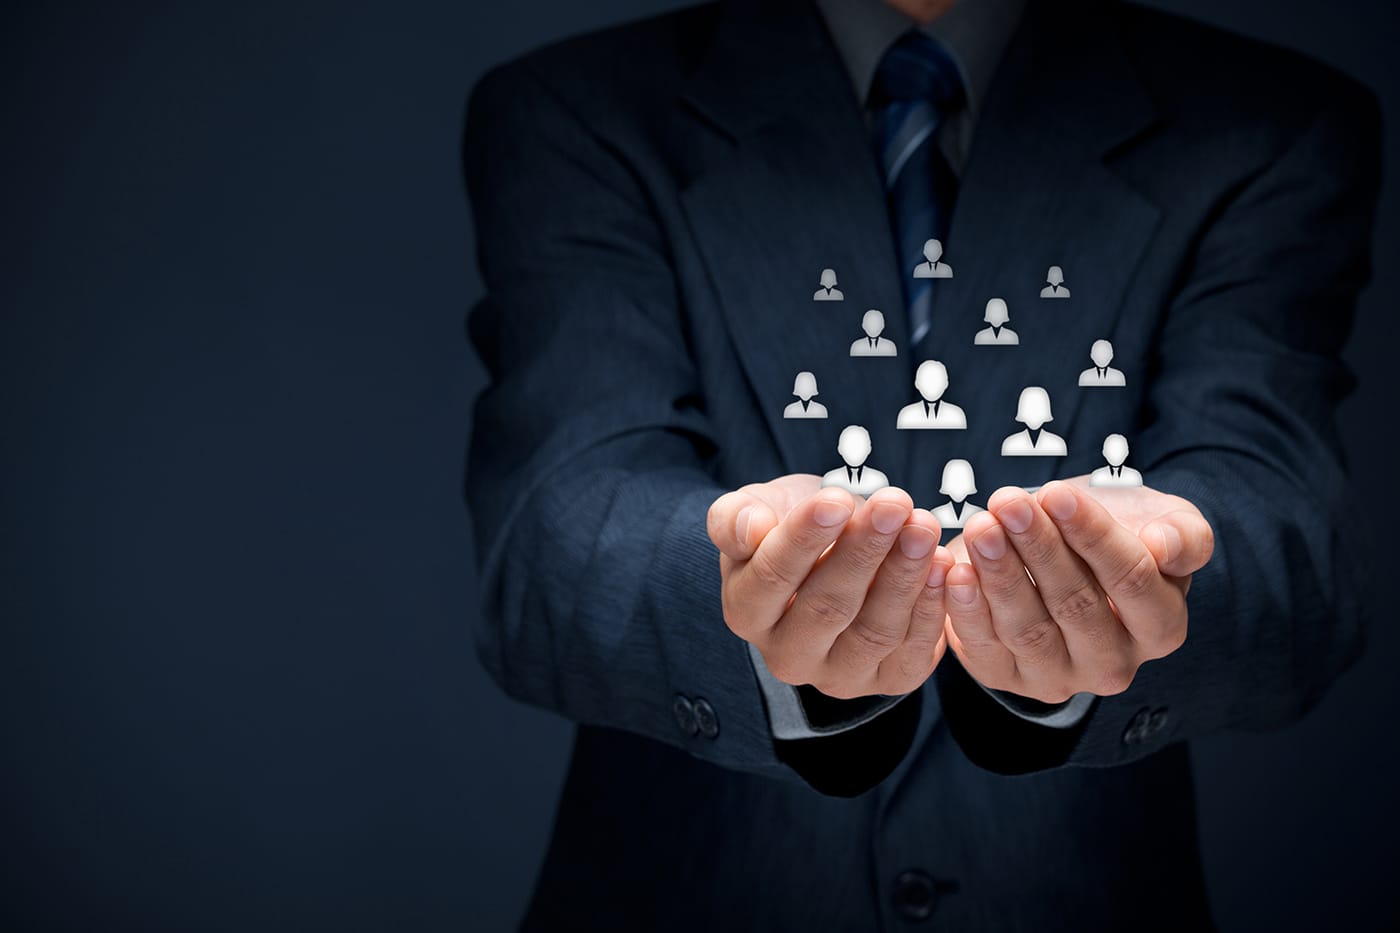 Szkolenie – Ochrona danych osobowych w świetle poradnika UODO oraz projektu nowelizacji kodeksu pracy